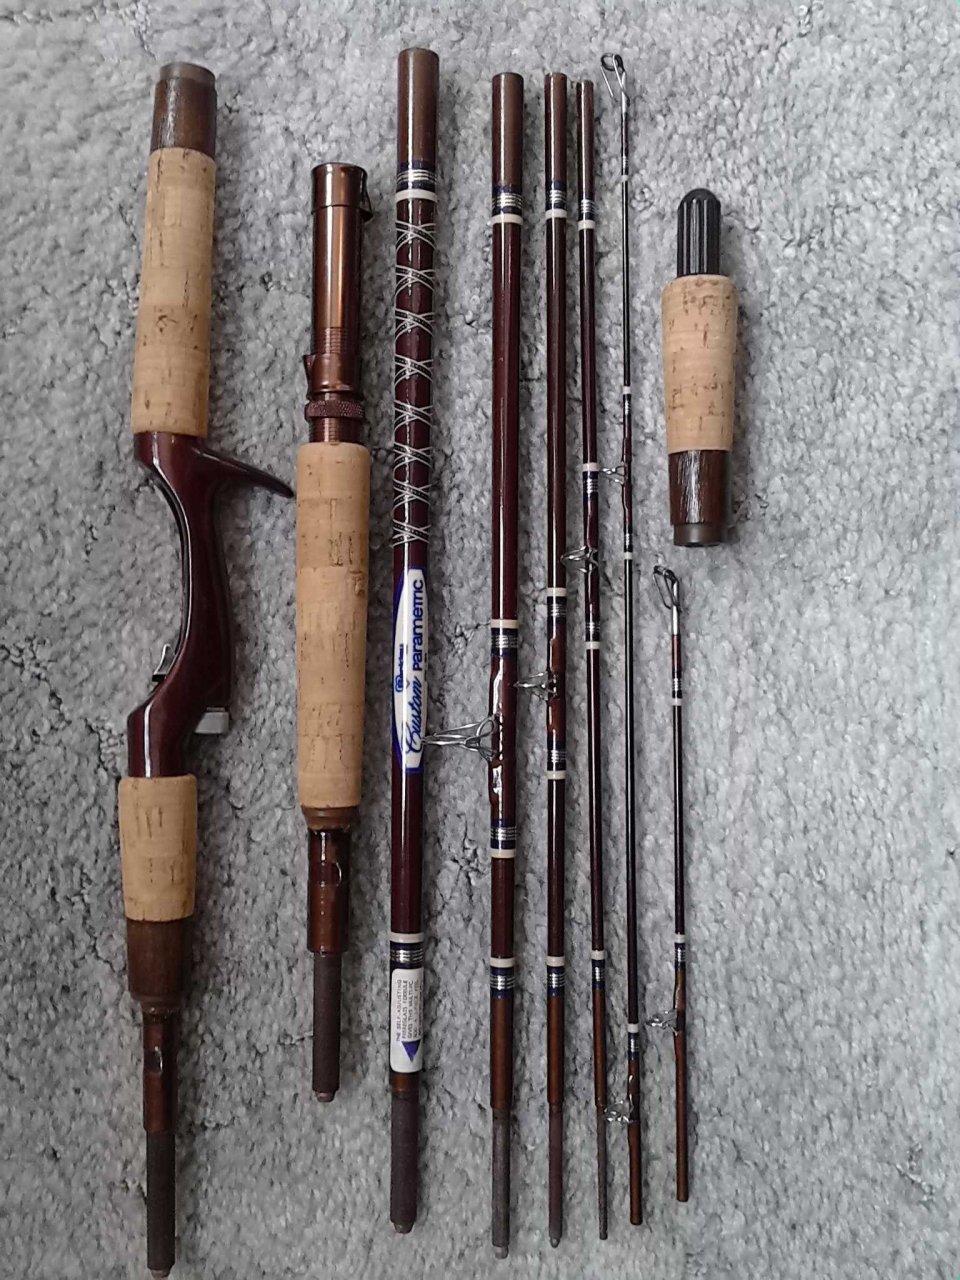 Pack-rod-Berkley-01-ir8asziw37.jpg